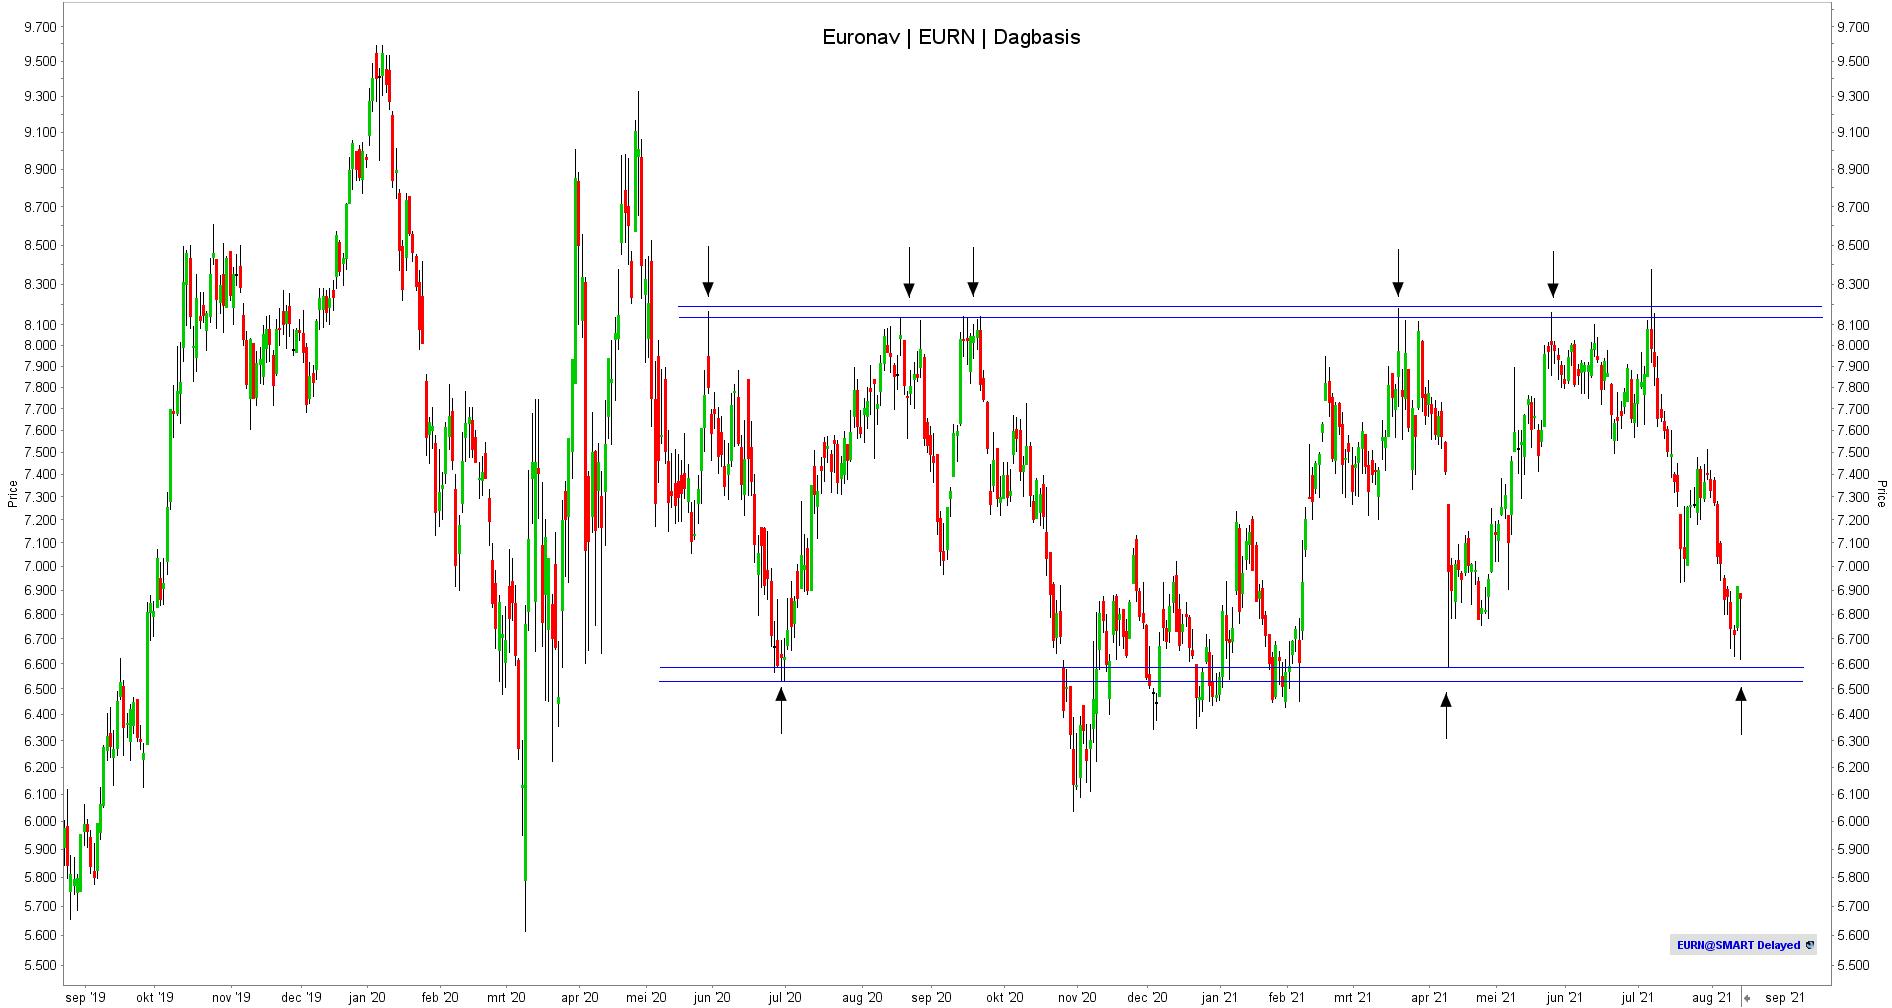 Aandeel Euronav - TA - Dagbasis